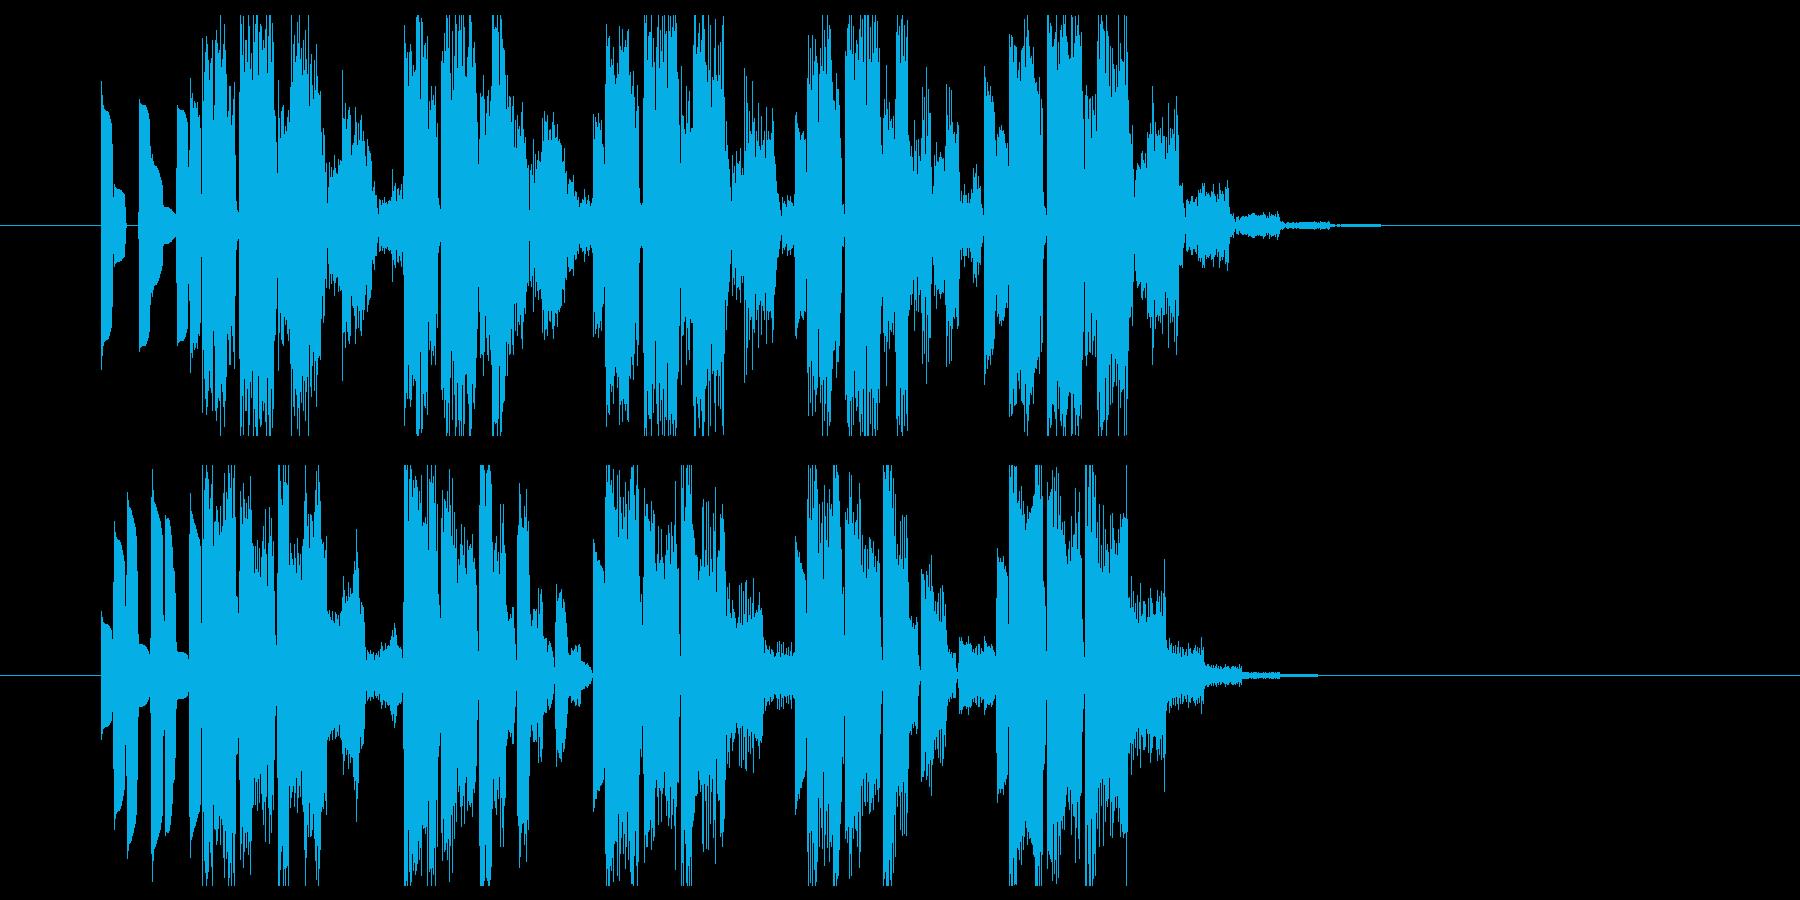 サイバー系CM,ジングルロゴ等デジタル系の再生済みの波形